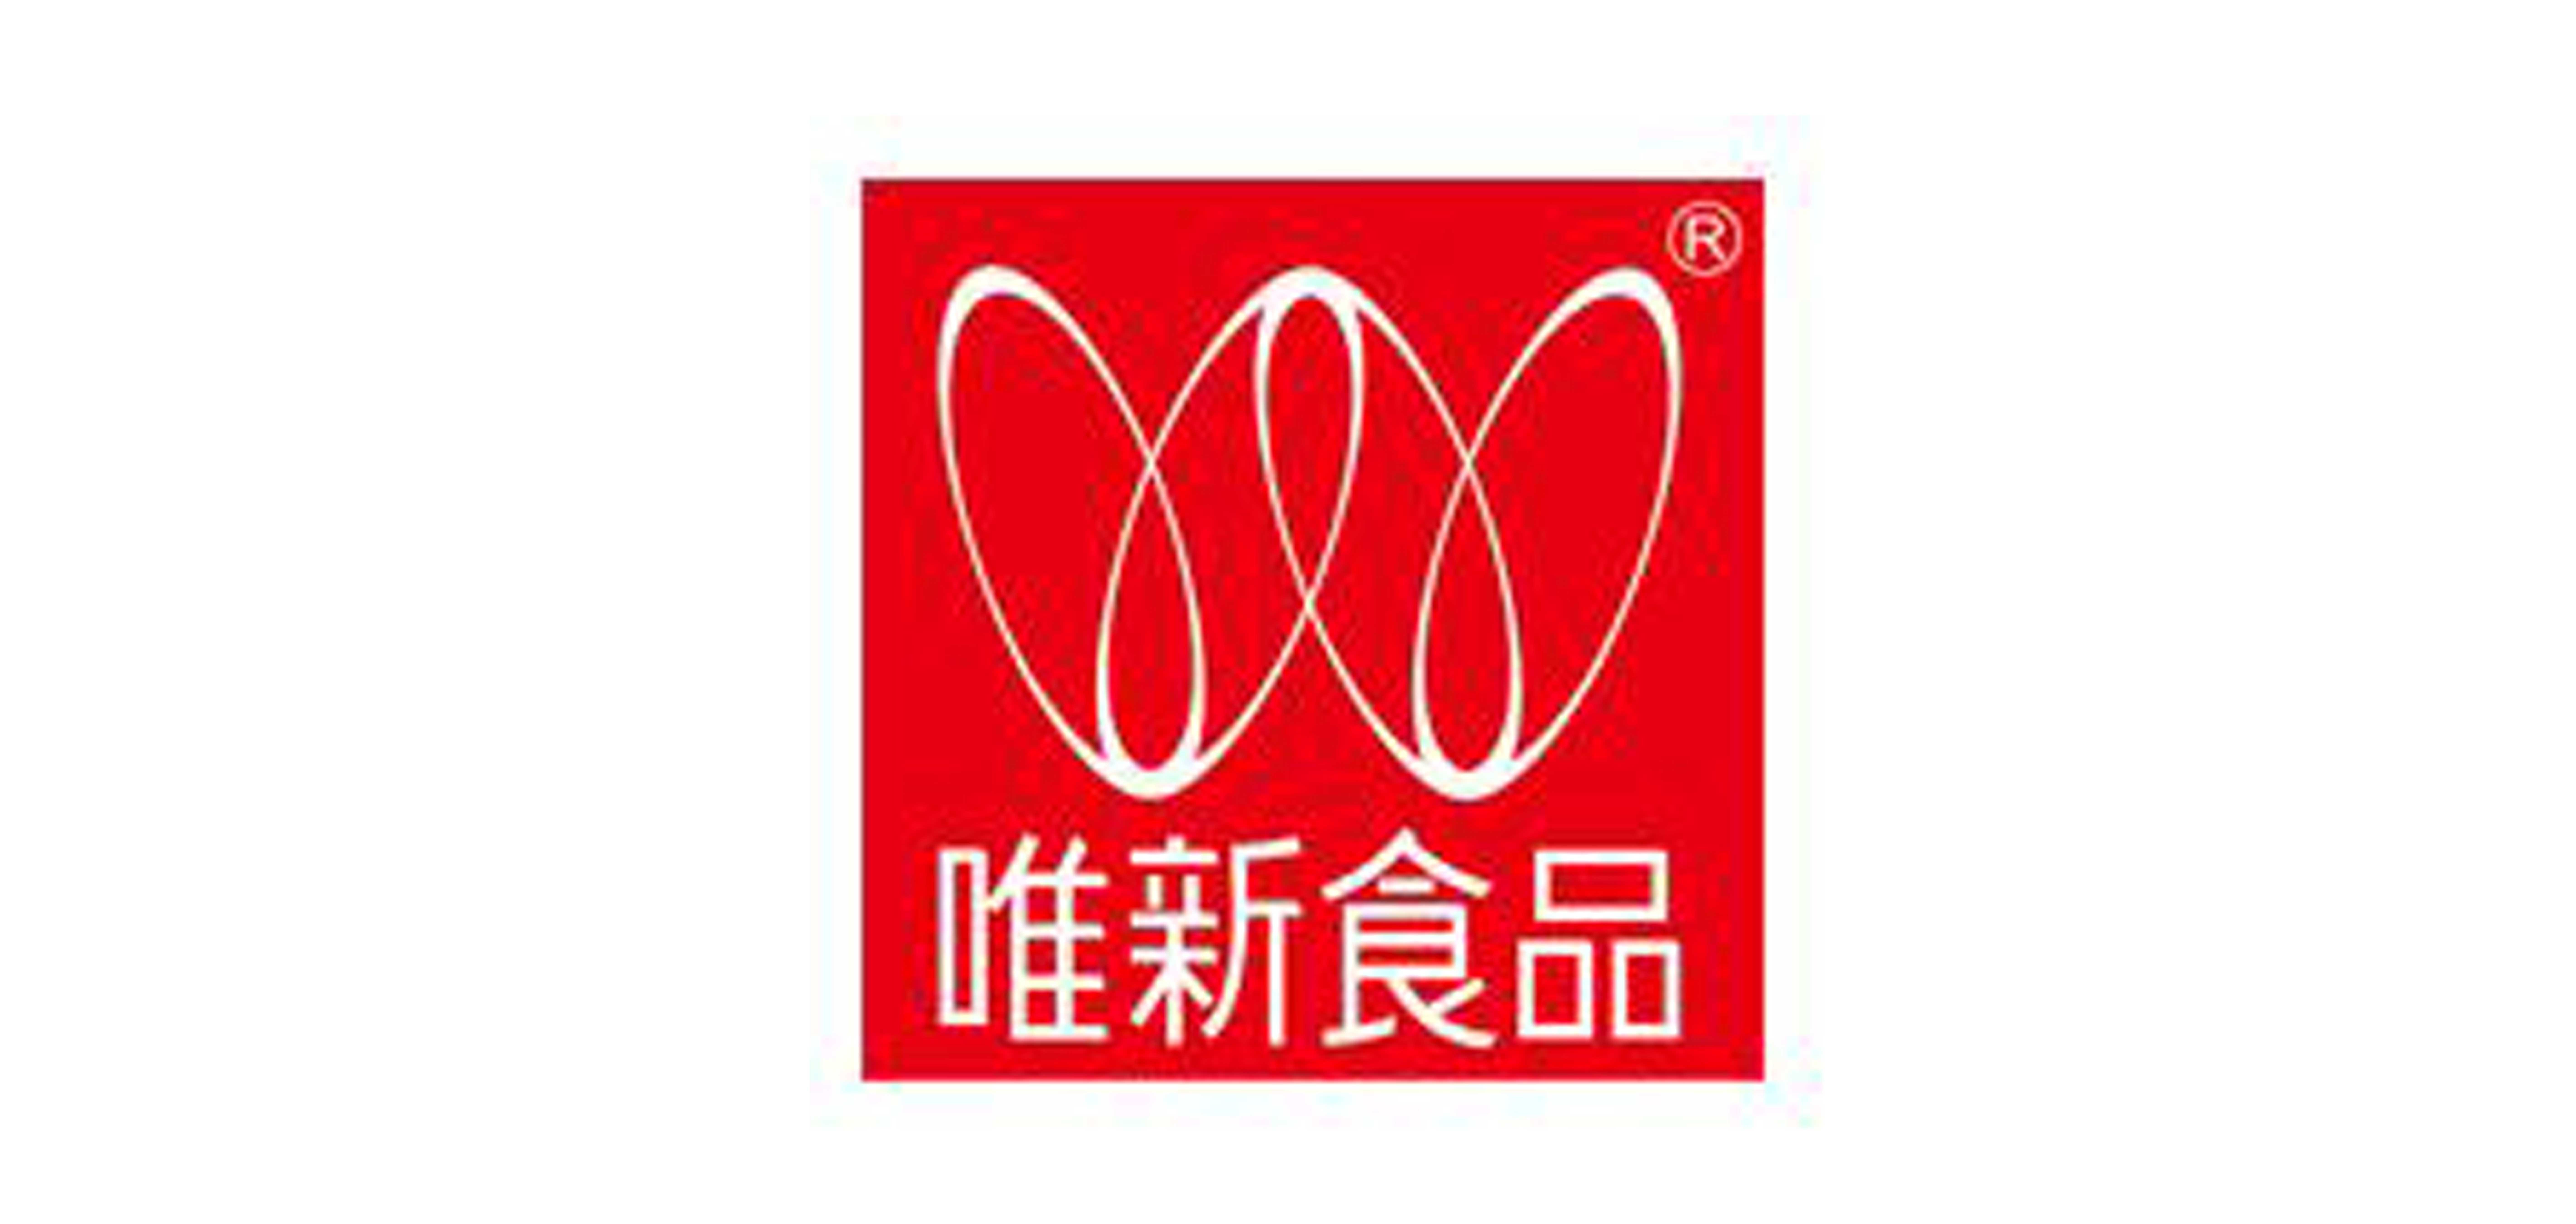 肉松十大品牌排名NO.7